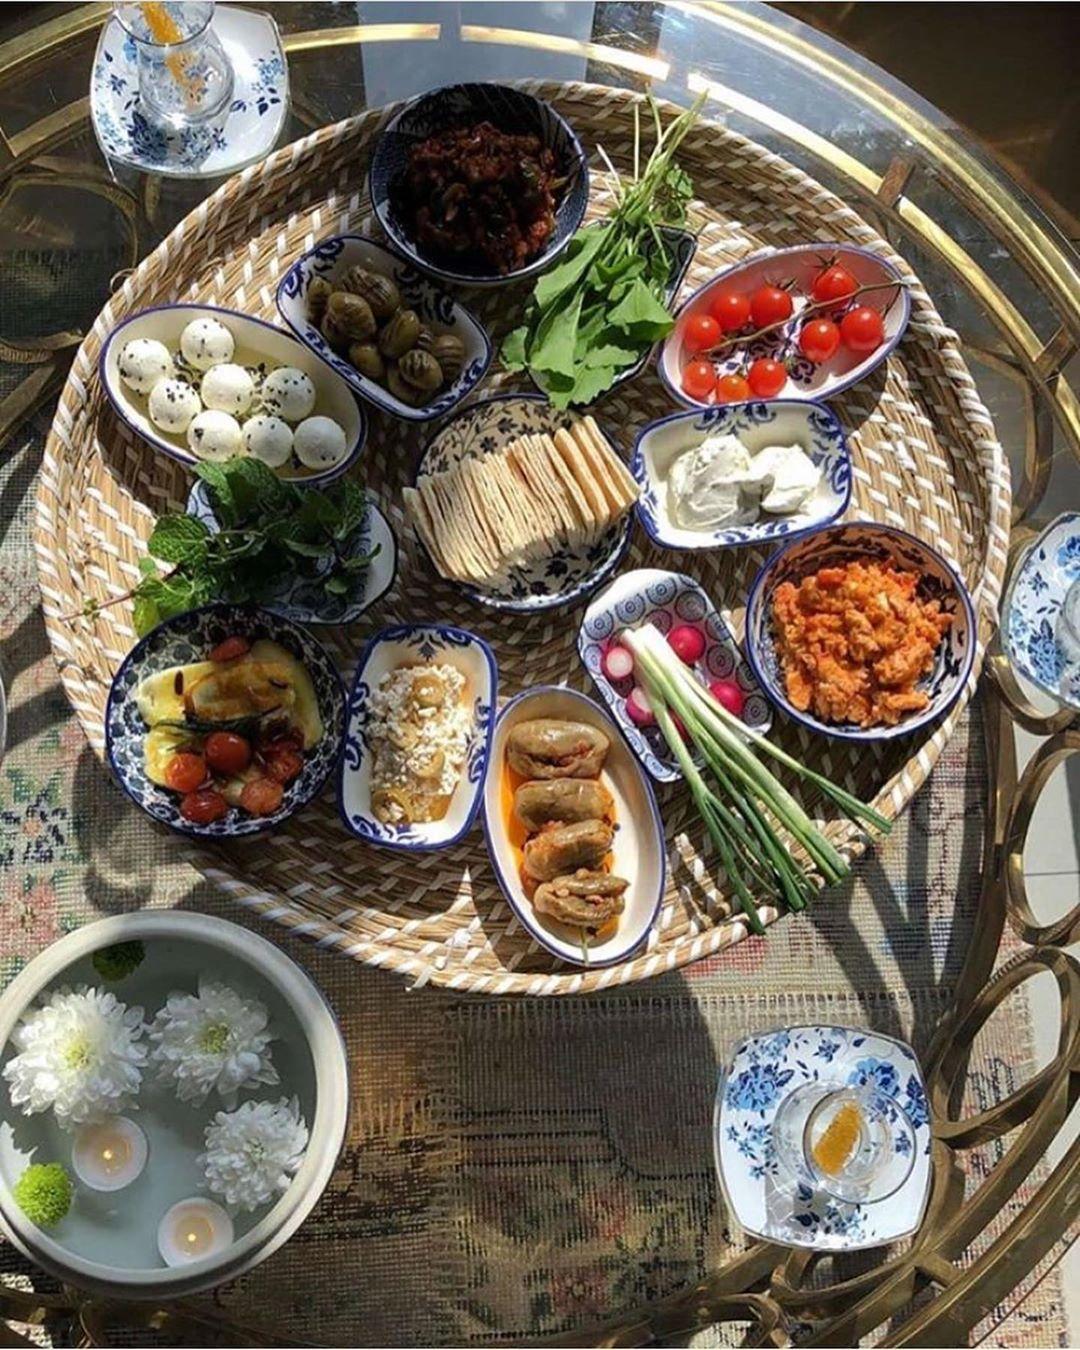 احدث التقديمات On Instagram أصبحنا في حفظ الحافظ ورحمة الخالق يارب أكتب لنا في هذا اليوم كل خير وأسعدنا إنك على كل شي Snacks Breakfast Table Settings